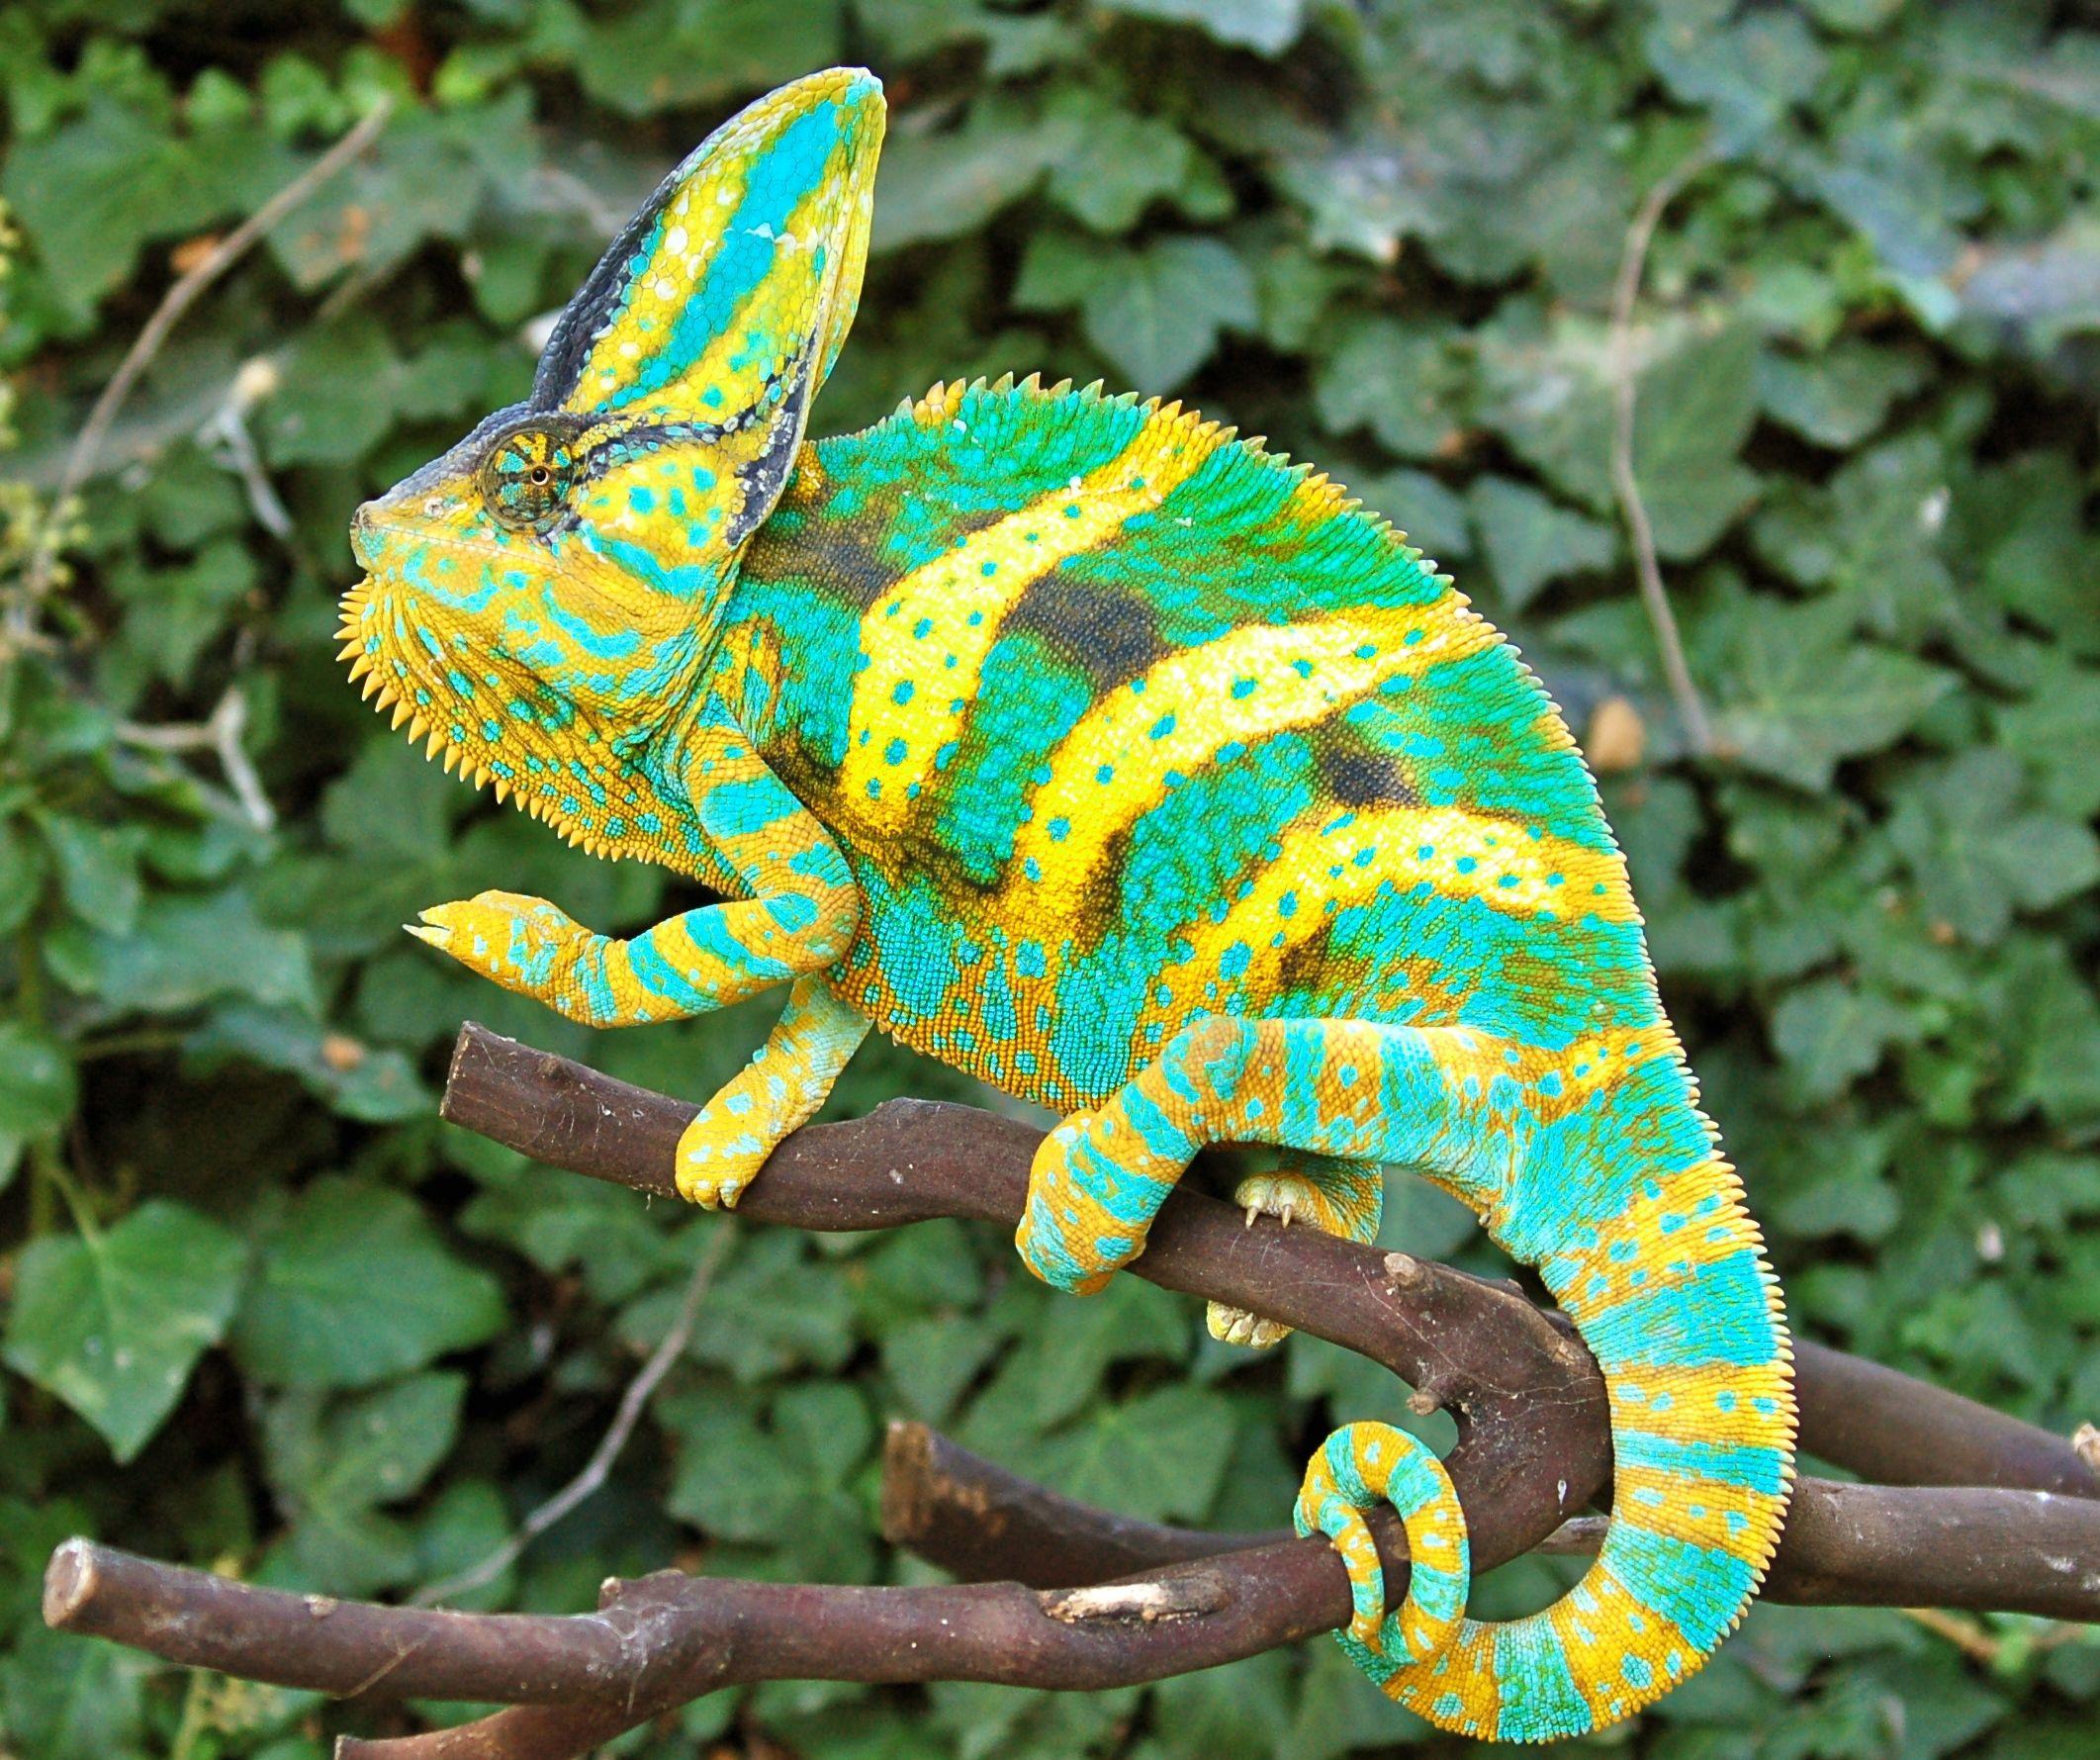 Физика в мире животных: хамелеоны и их цвет - 4